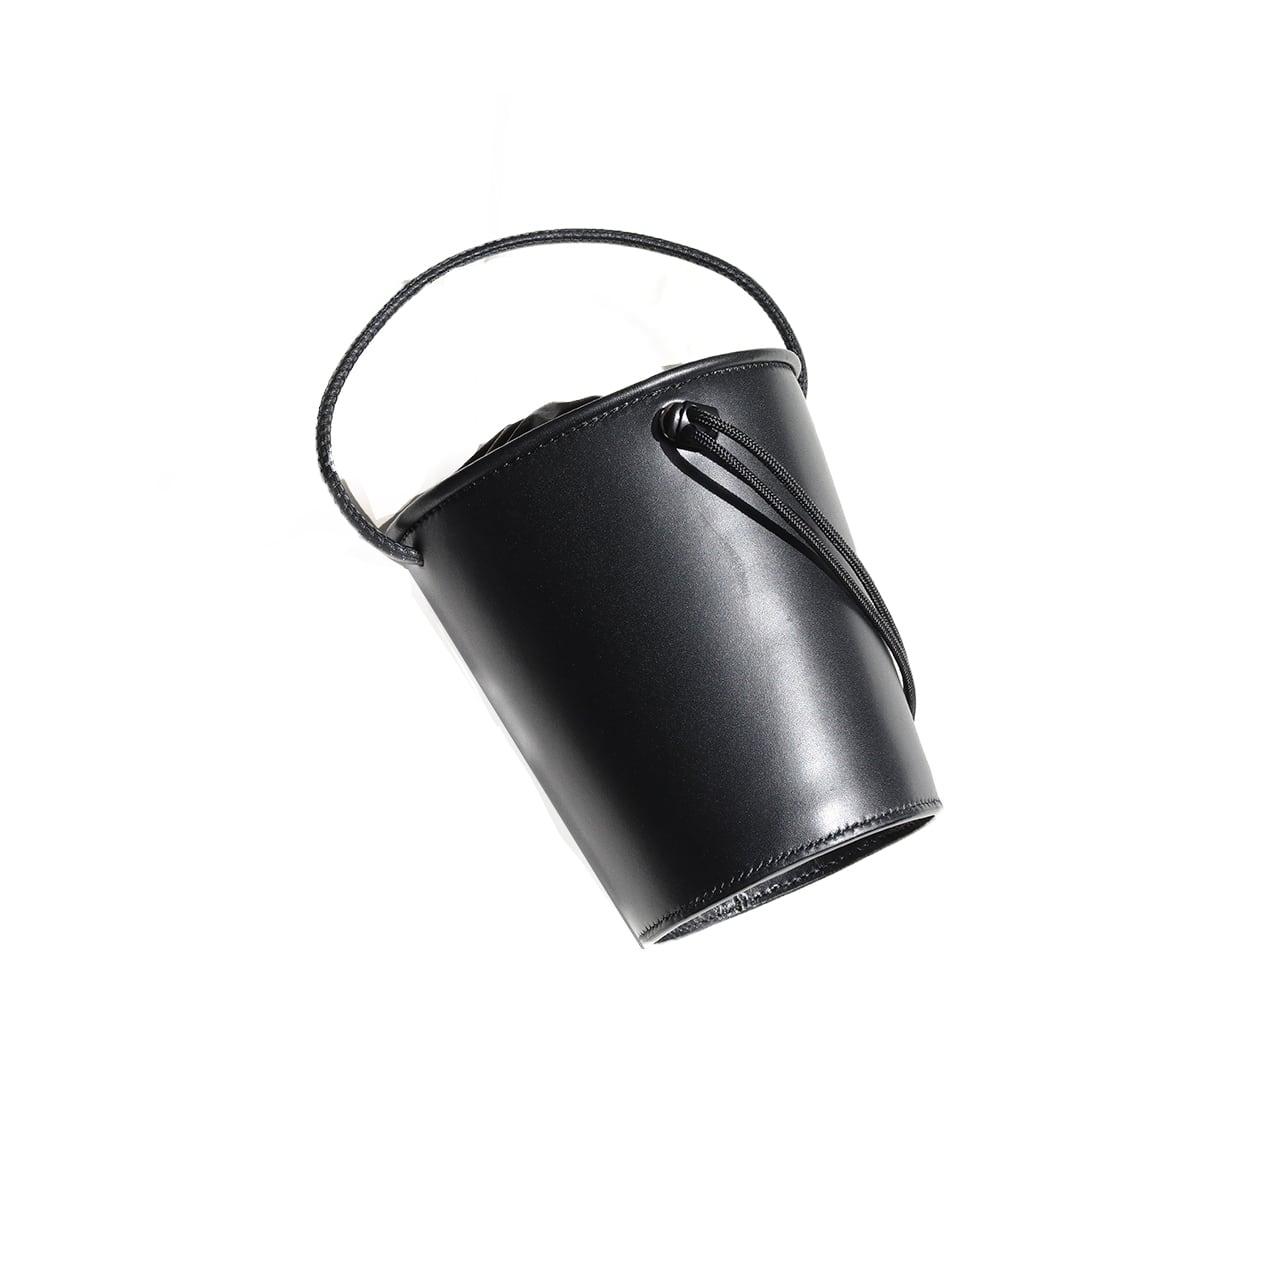 beta post (ベータポスト) Bucket Pouch (バケツポーチ) BAG (バッグ) Black